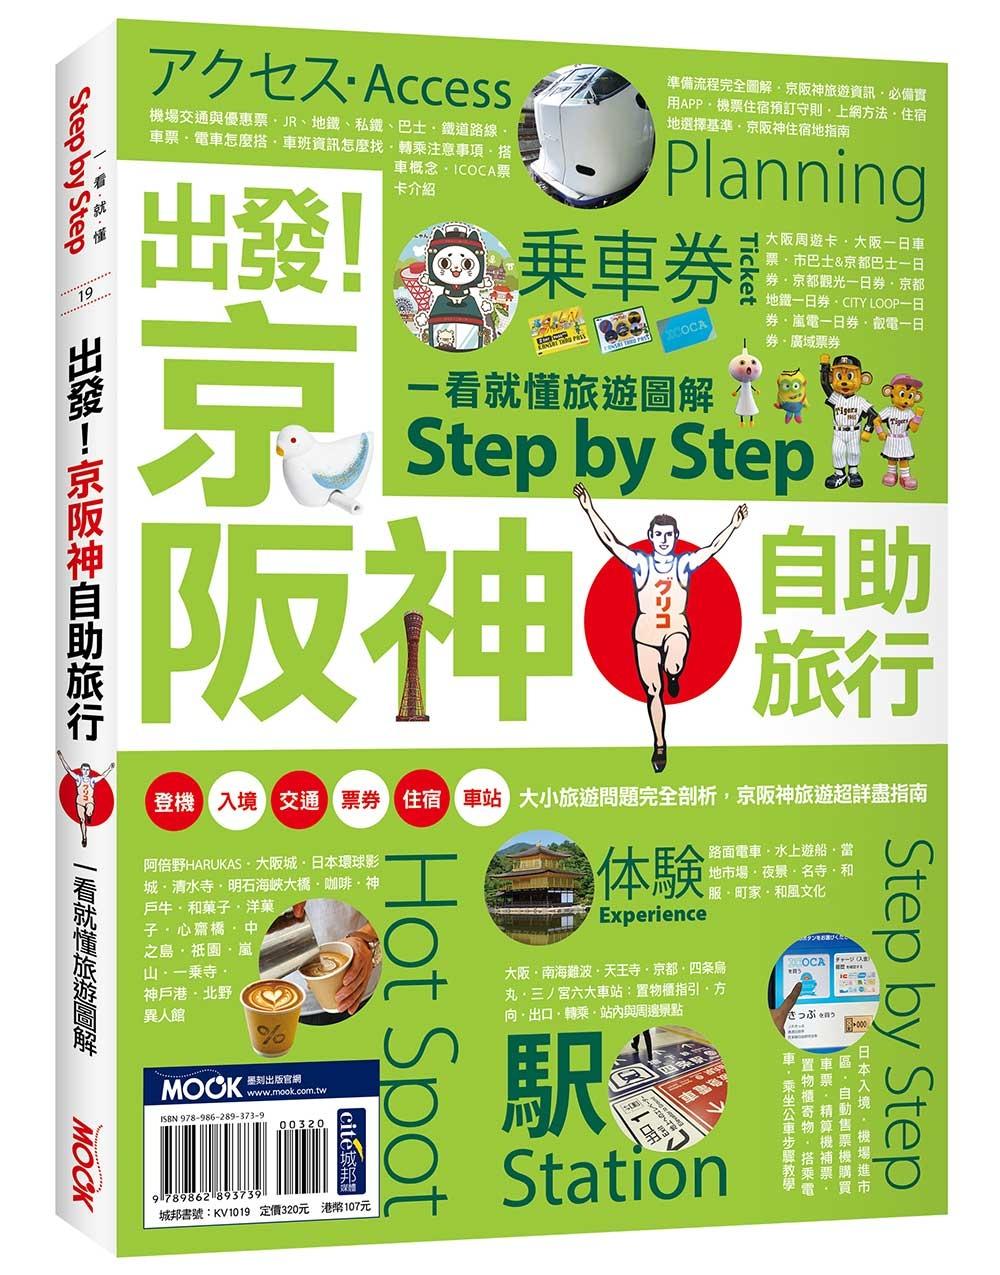 出發!京阪神自助旅行─一看就懂 旅遊圖解Step by Step